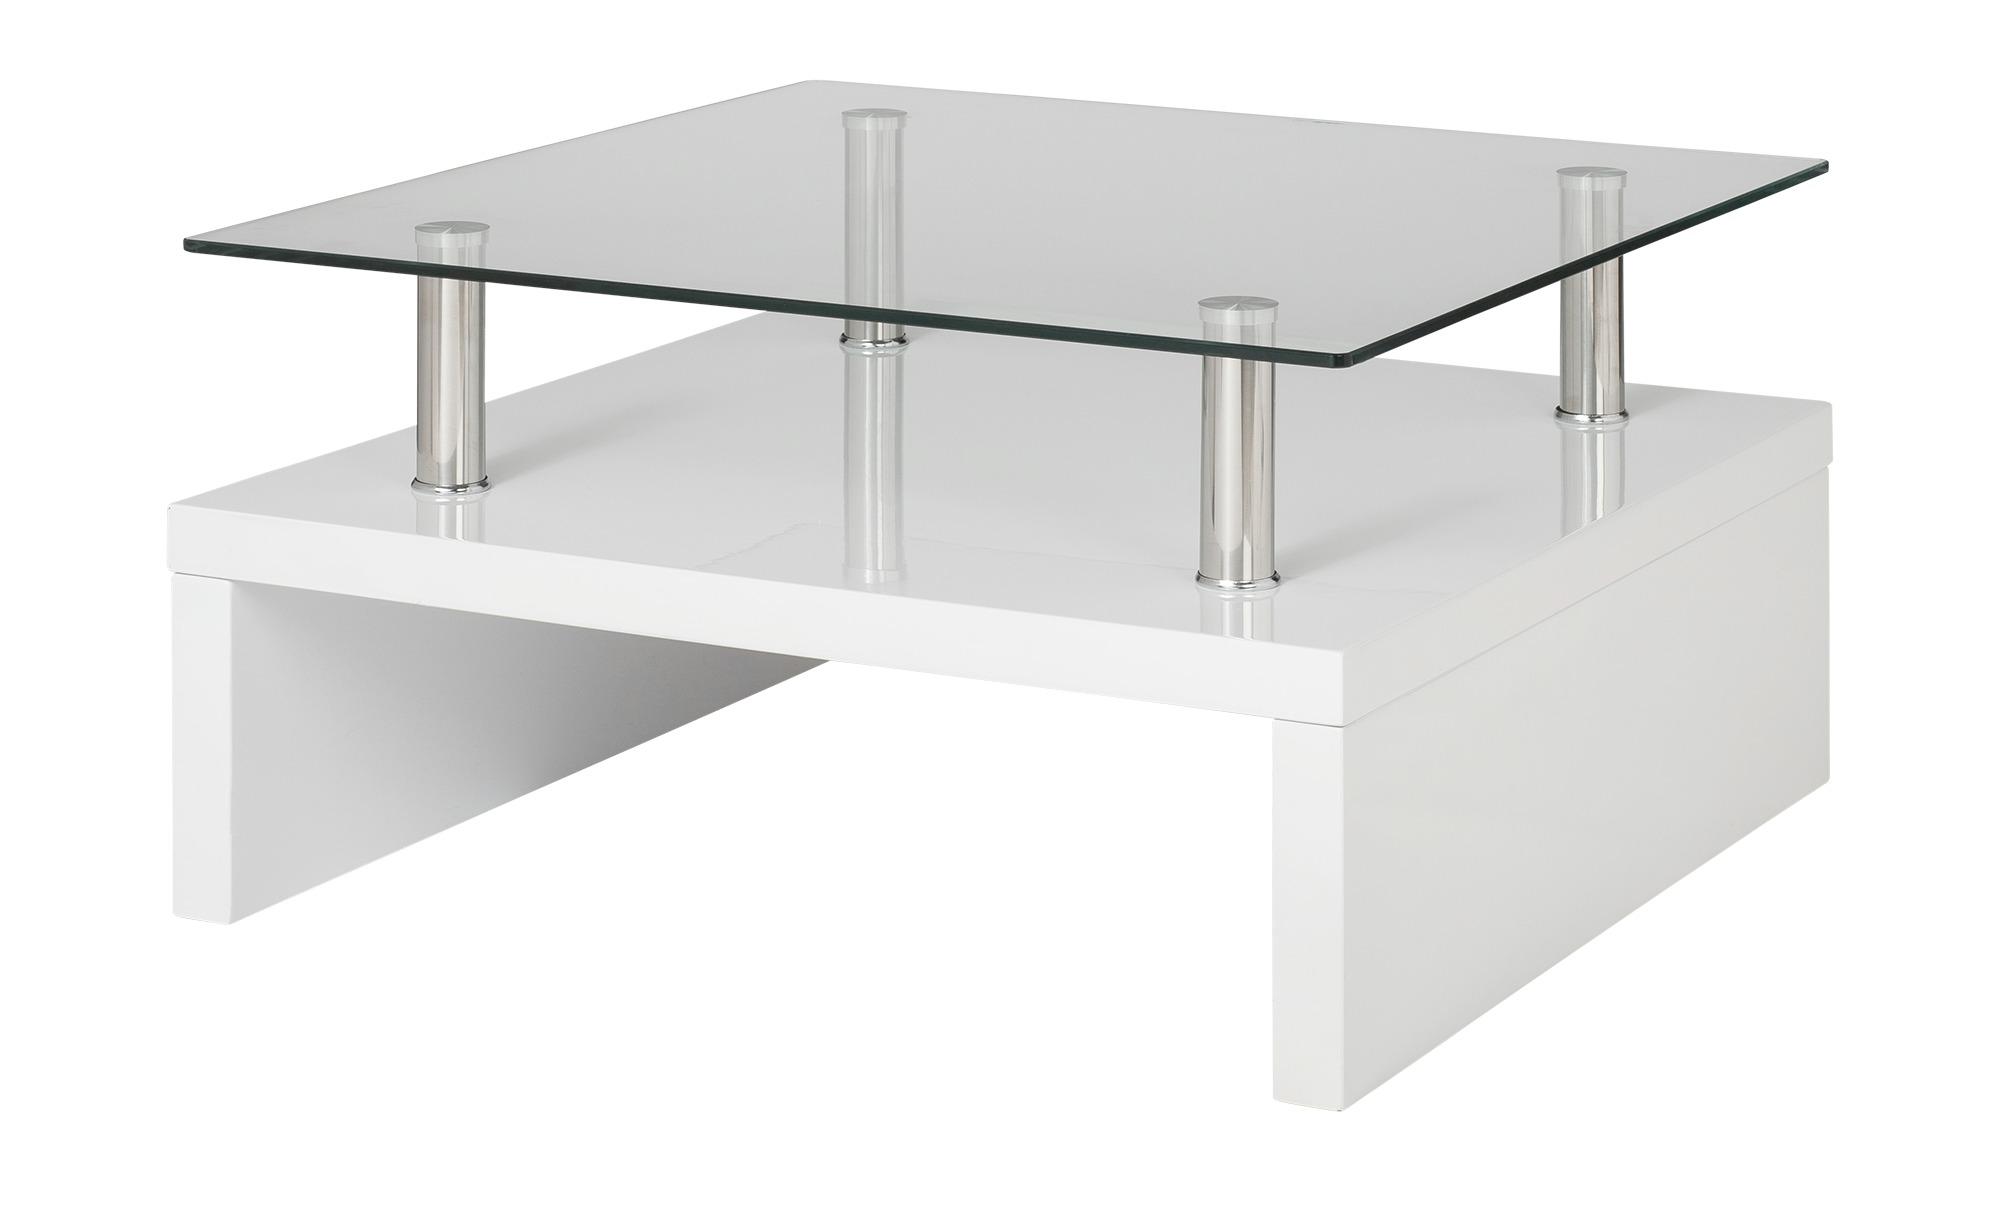 Couchtisch Weiss Metall Glas Spargi In 2019 Couchtisch Weiss